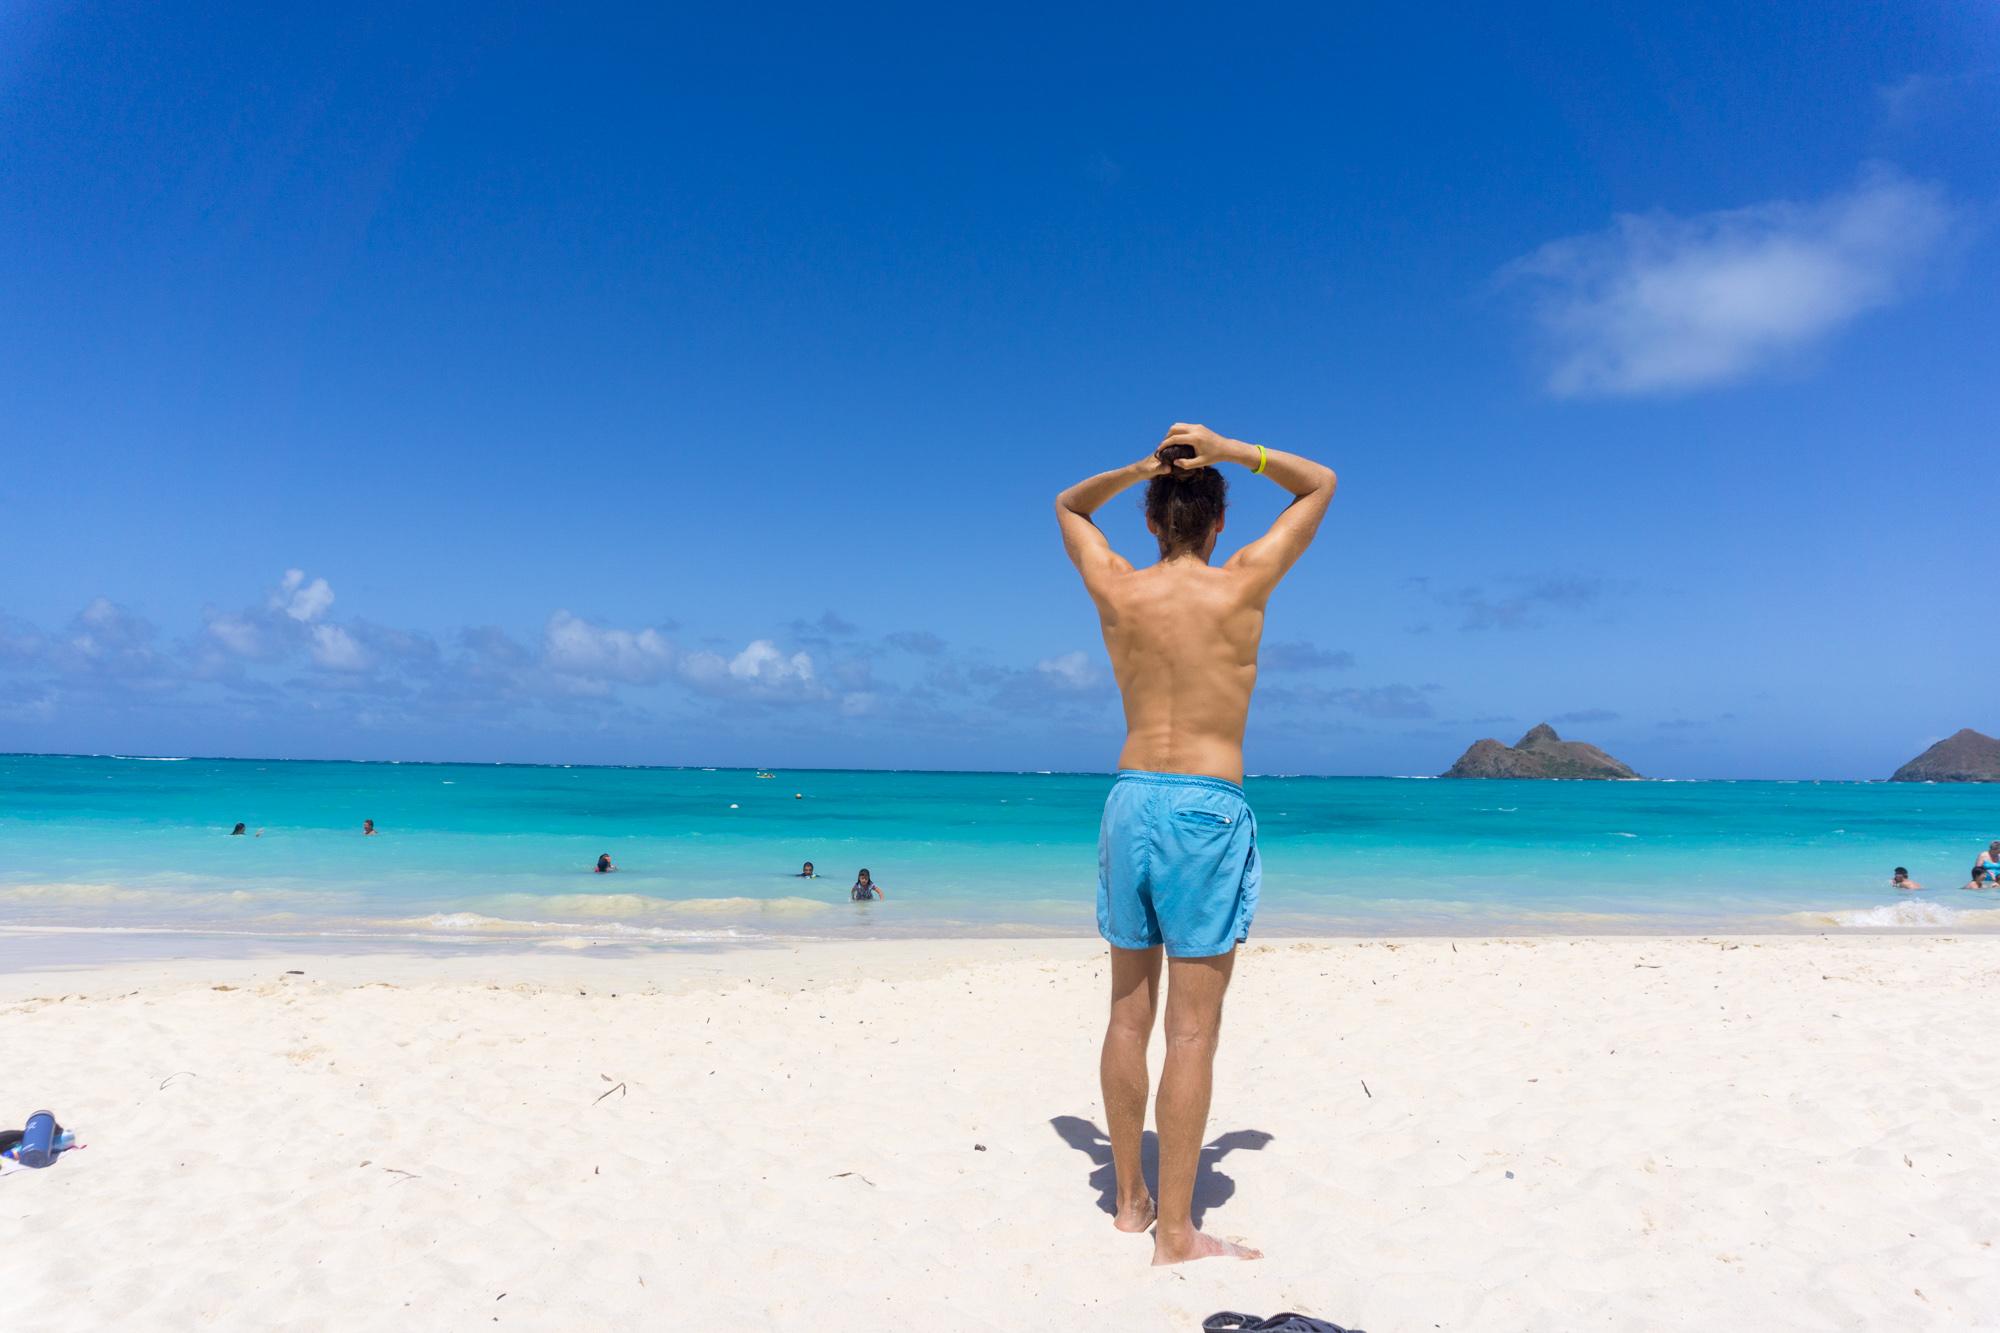 Lanikai Beach on Oahu, Hawaii